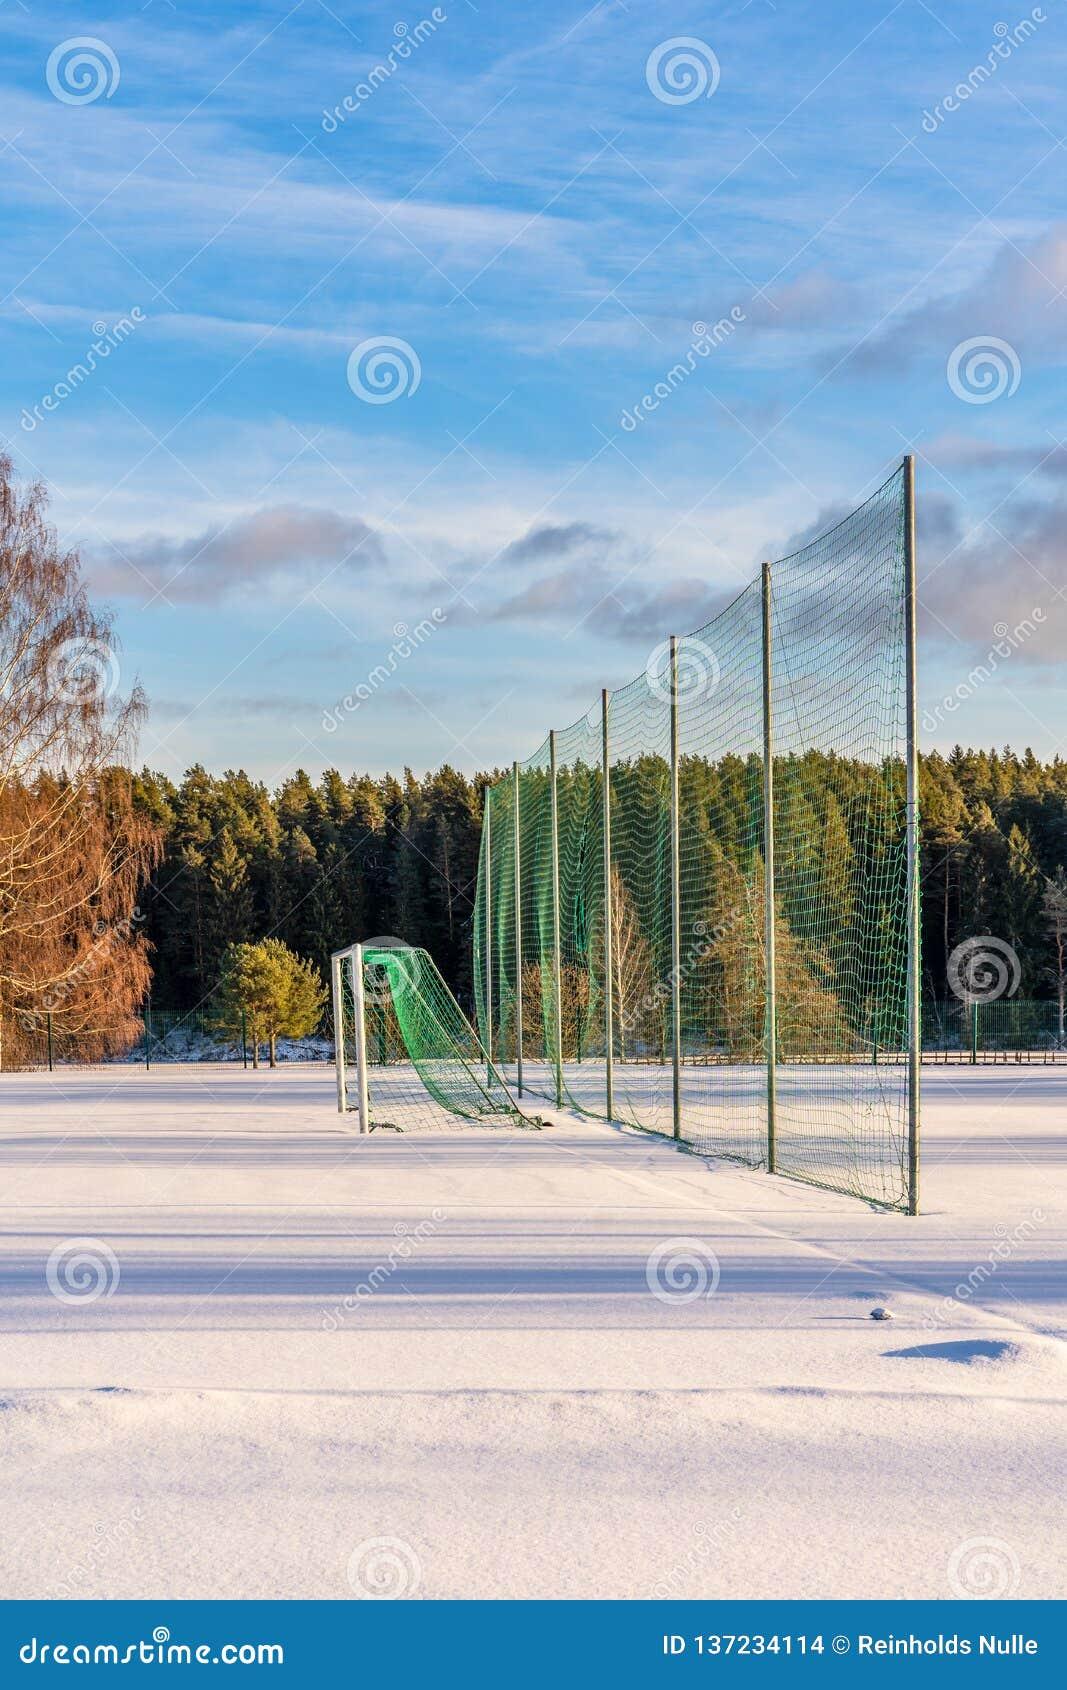 Calcio vuoto ( Soccer) Campo nell inverno coperto parzialmente in neve - Sunny Winter Day